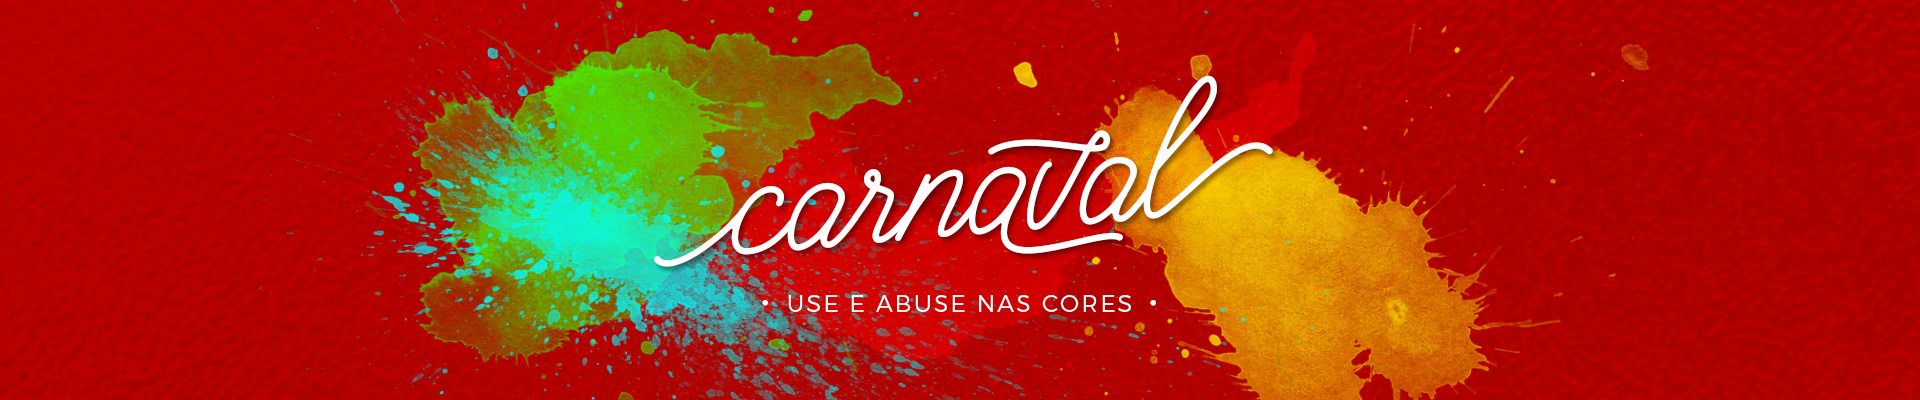 -bcarnaval